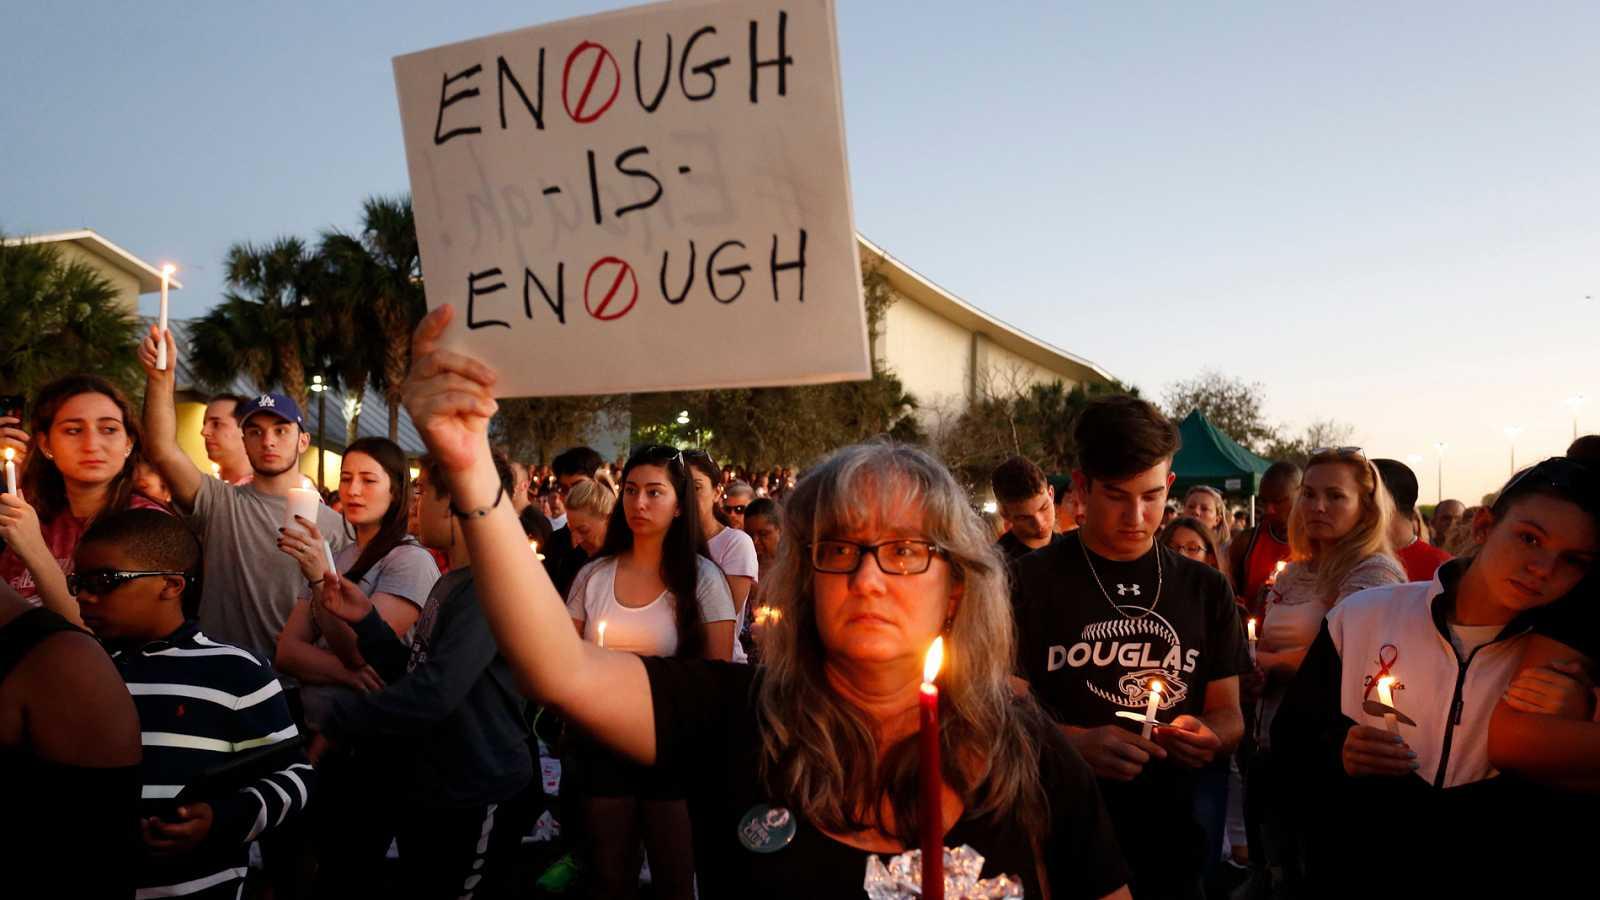 Dos sobrevivientes de la secundaria de Parkland se suicidan a un año de la masacre en su escuela